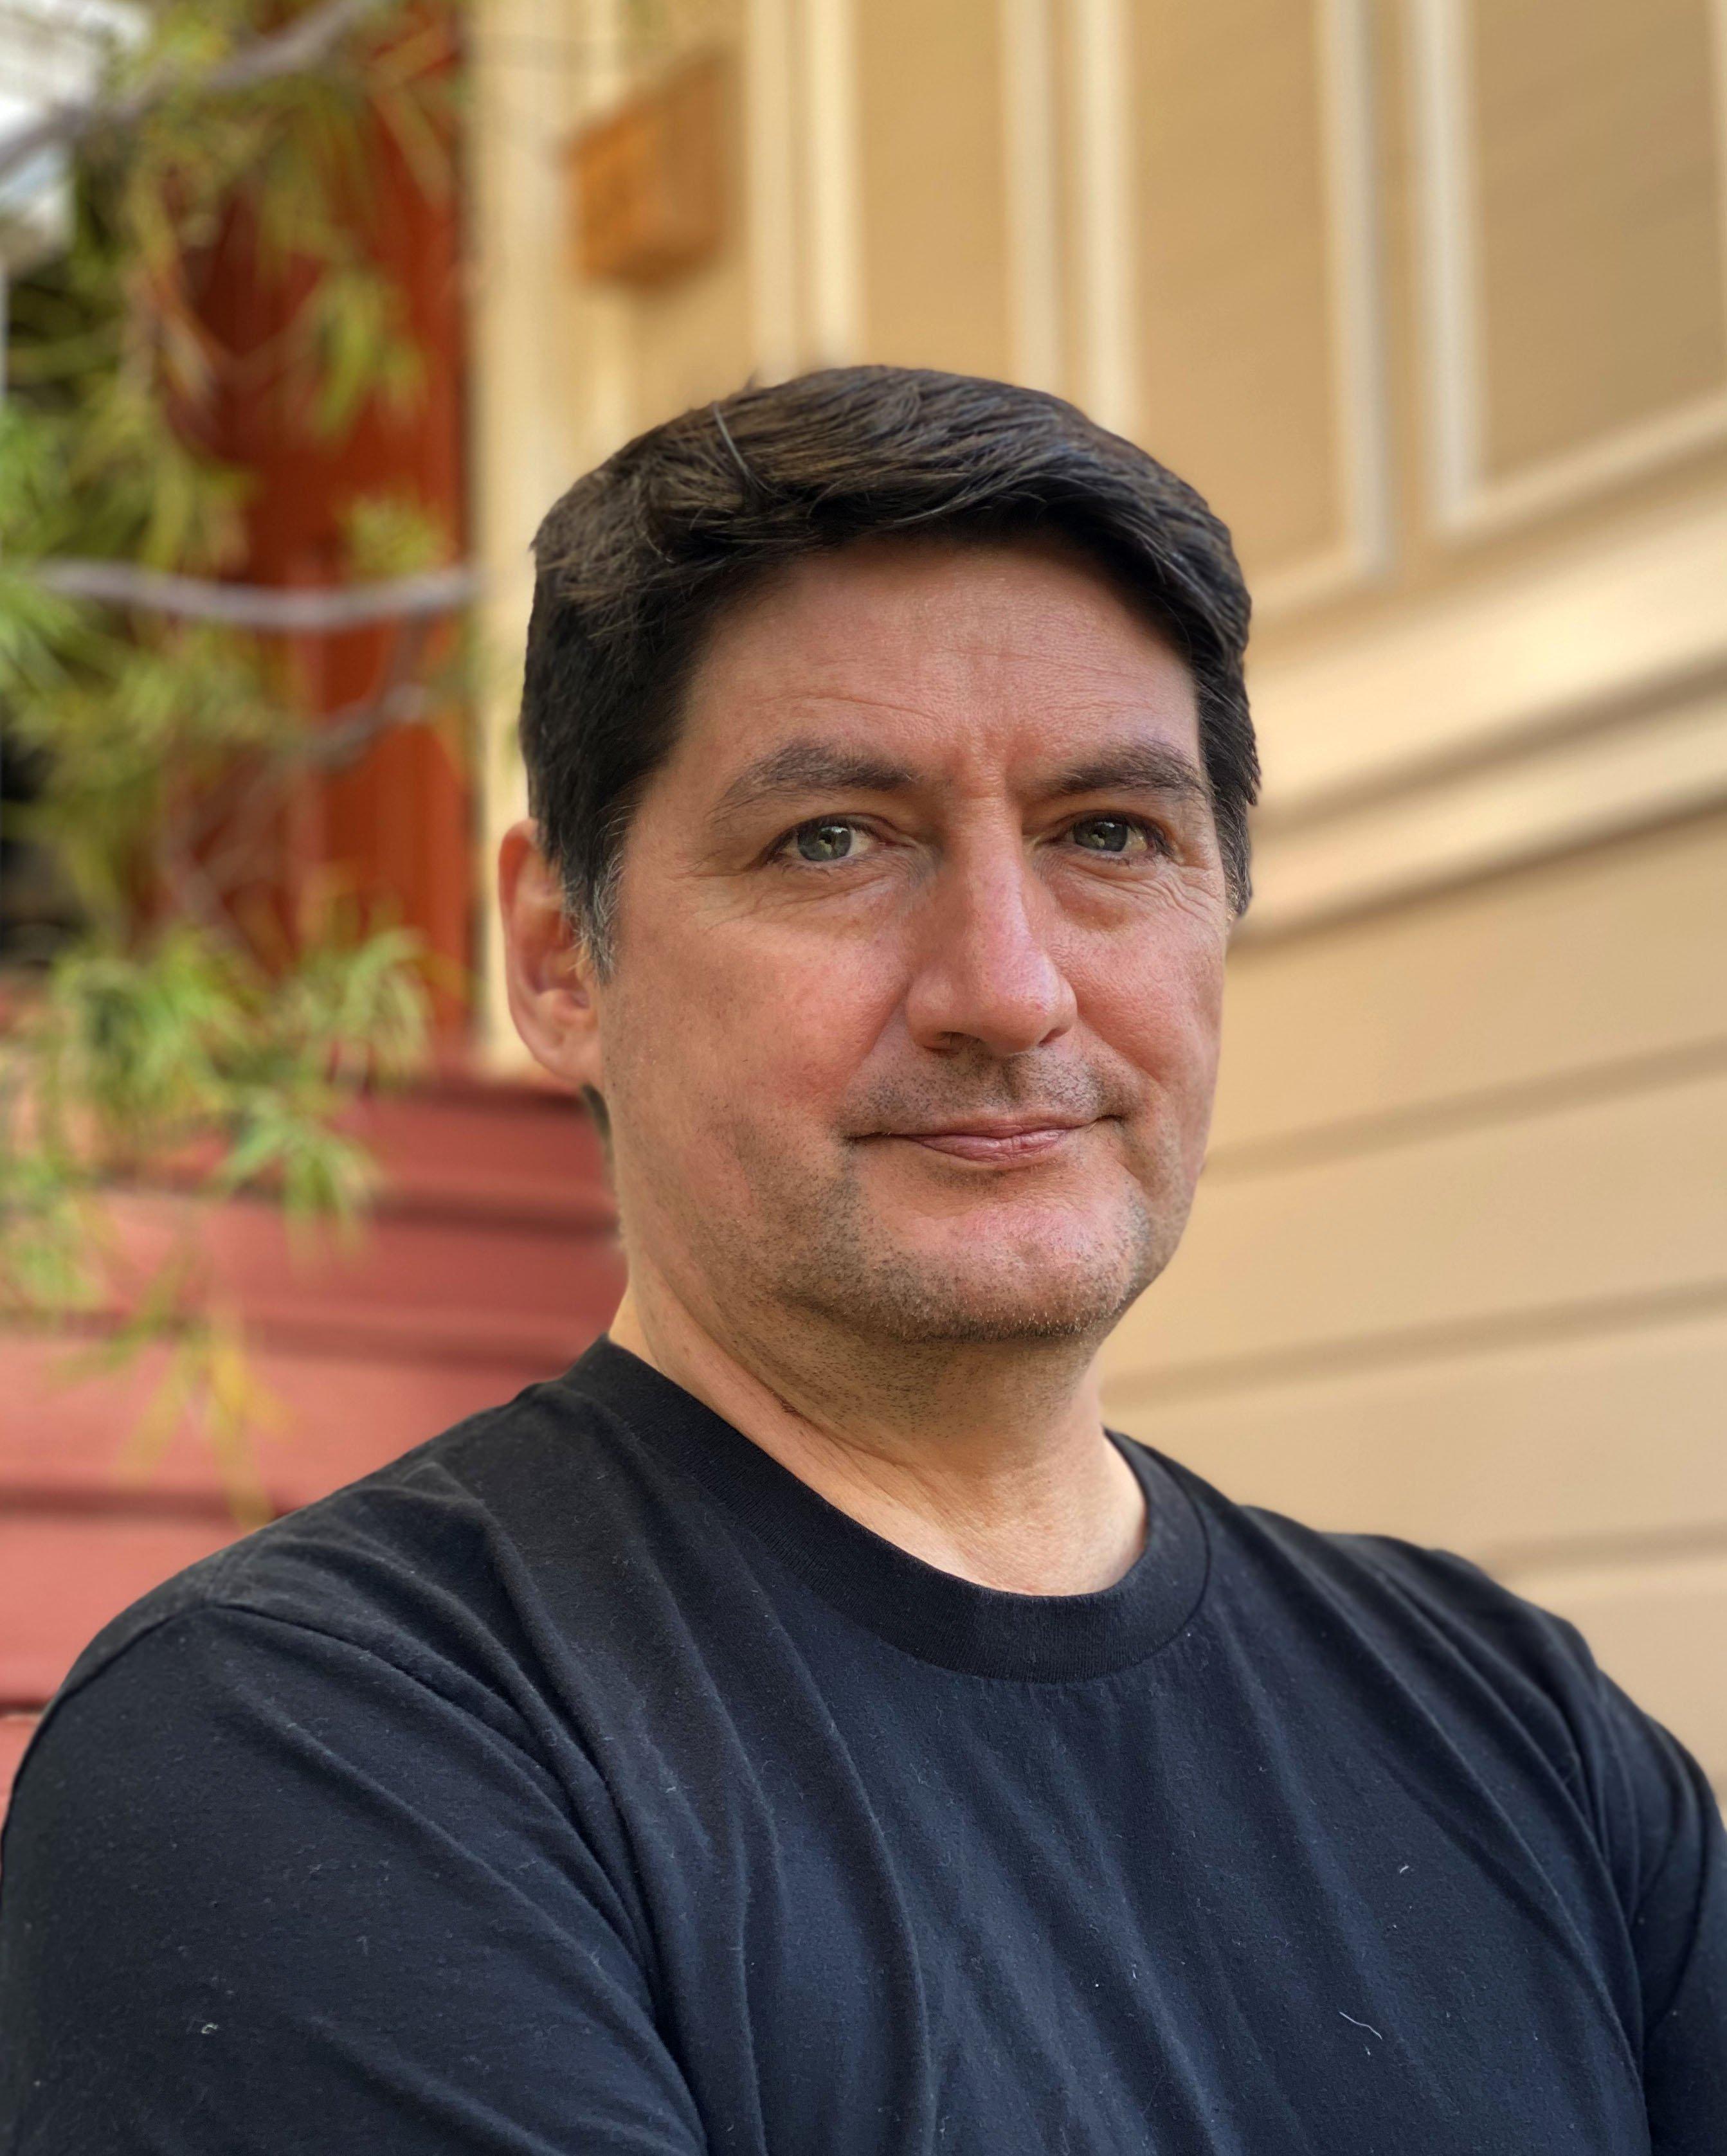 Rafael Dumett